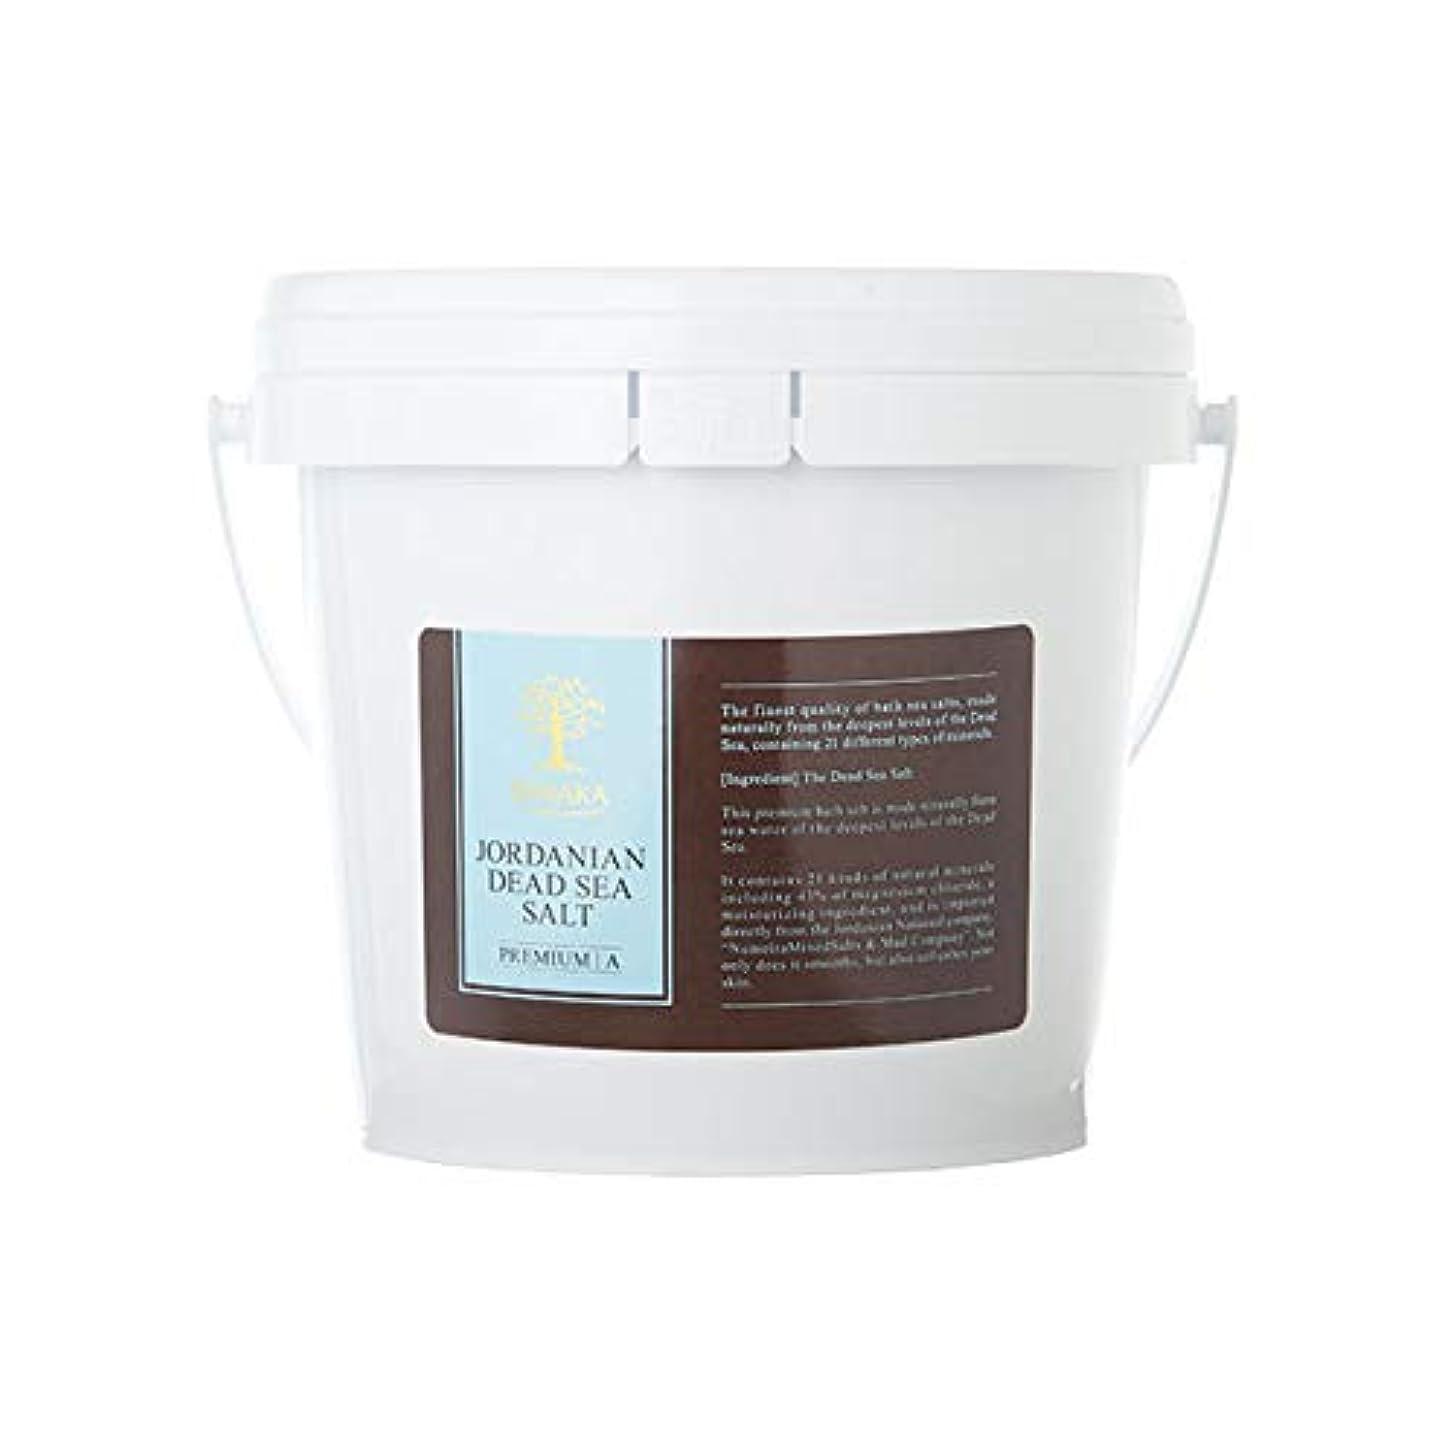 仕出します乱すギャラリーBARAKA(バラカ) ジョルダニアン デッドシー ソルト バケツ 1.5kg バスソルト 入浴剤 ヨルダン産死海塩100%